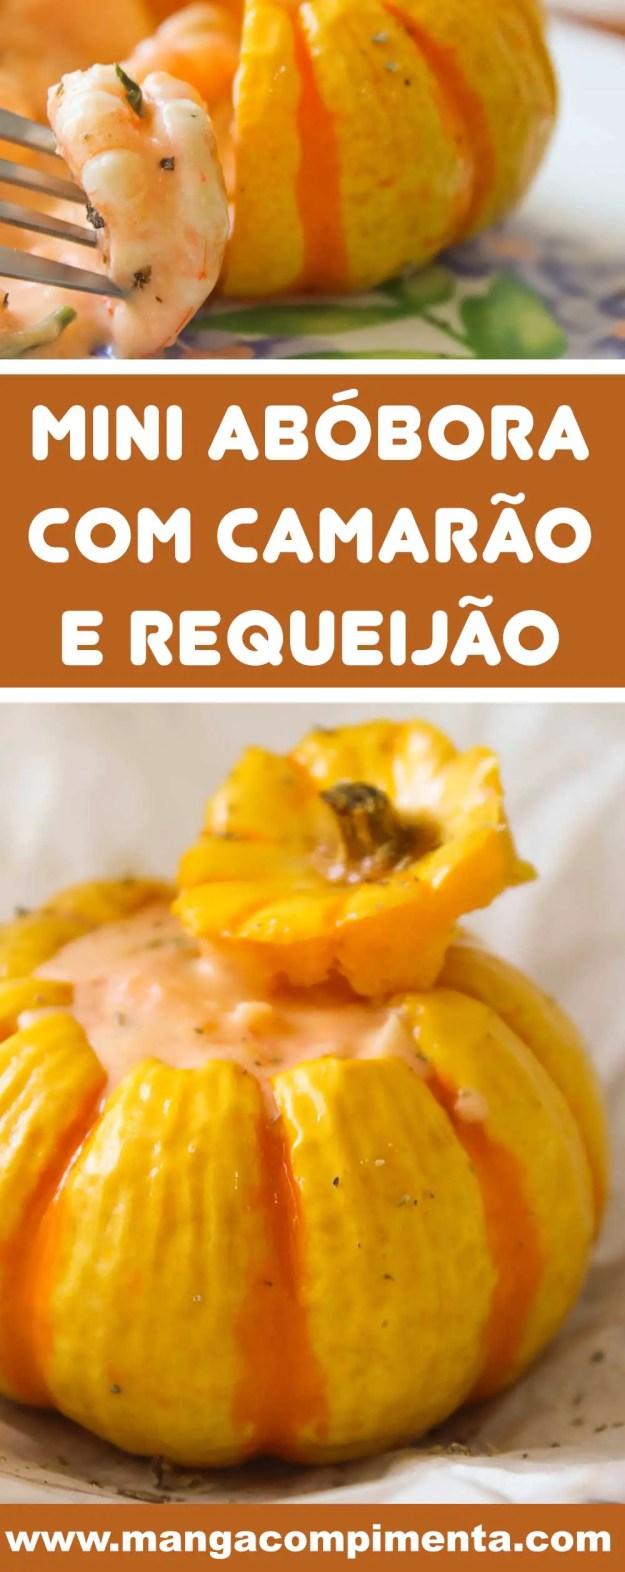 Receita de Mini Abóbora com Camarão e Requeijão - um prato delicioso para servir aos seus convidados!